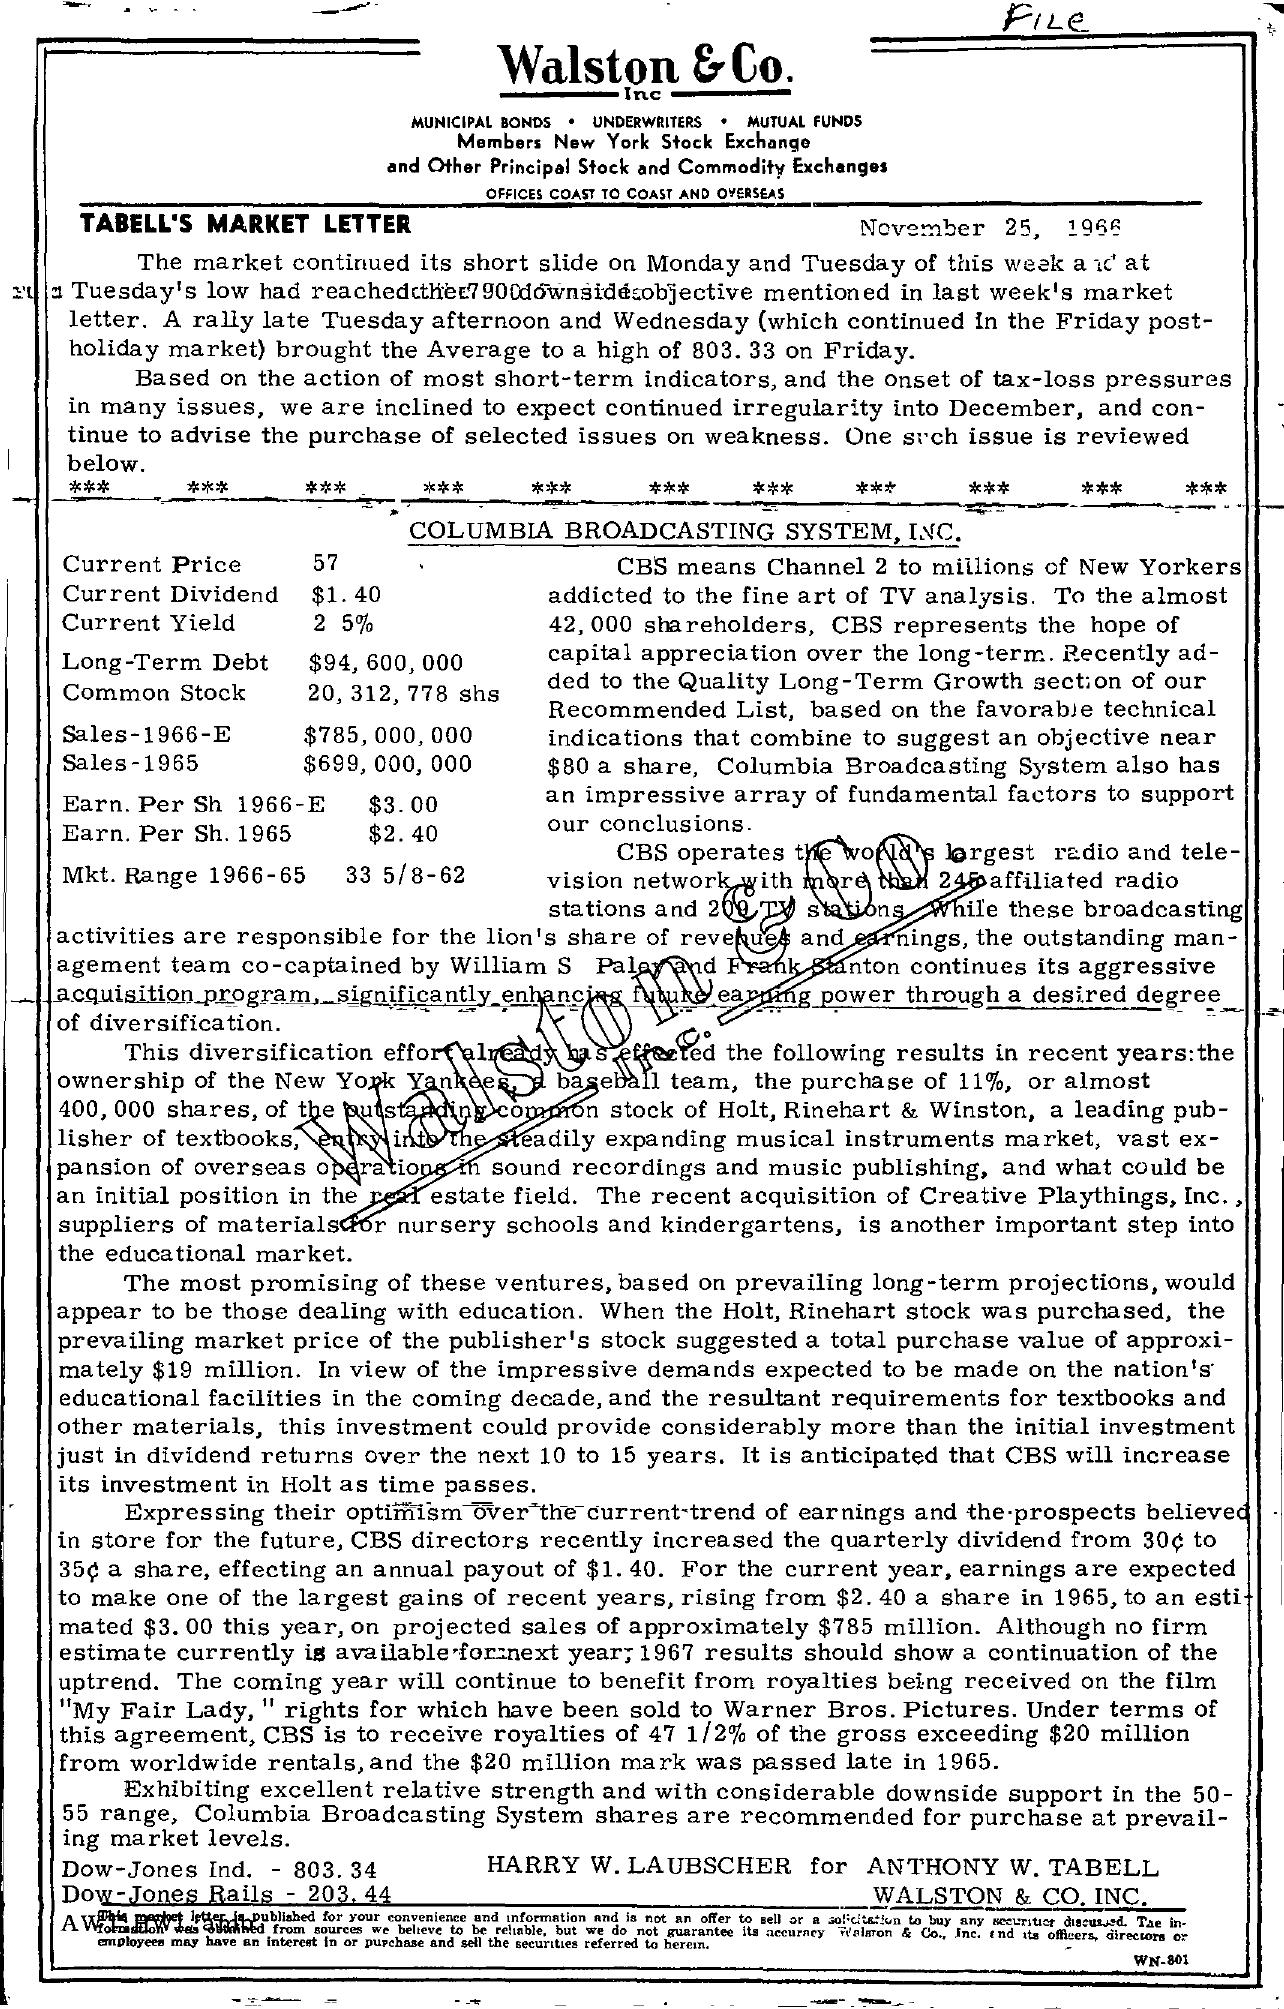 Tabell's Market Letter - November 25, 1966